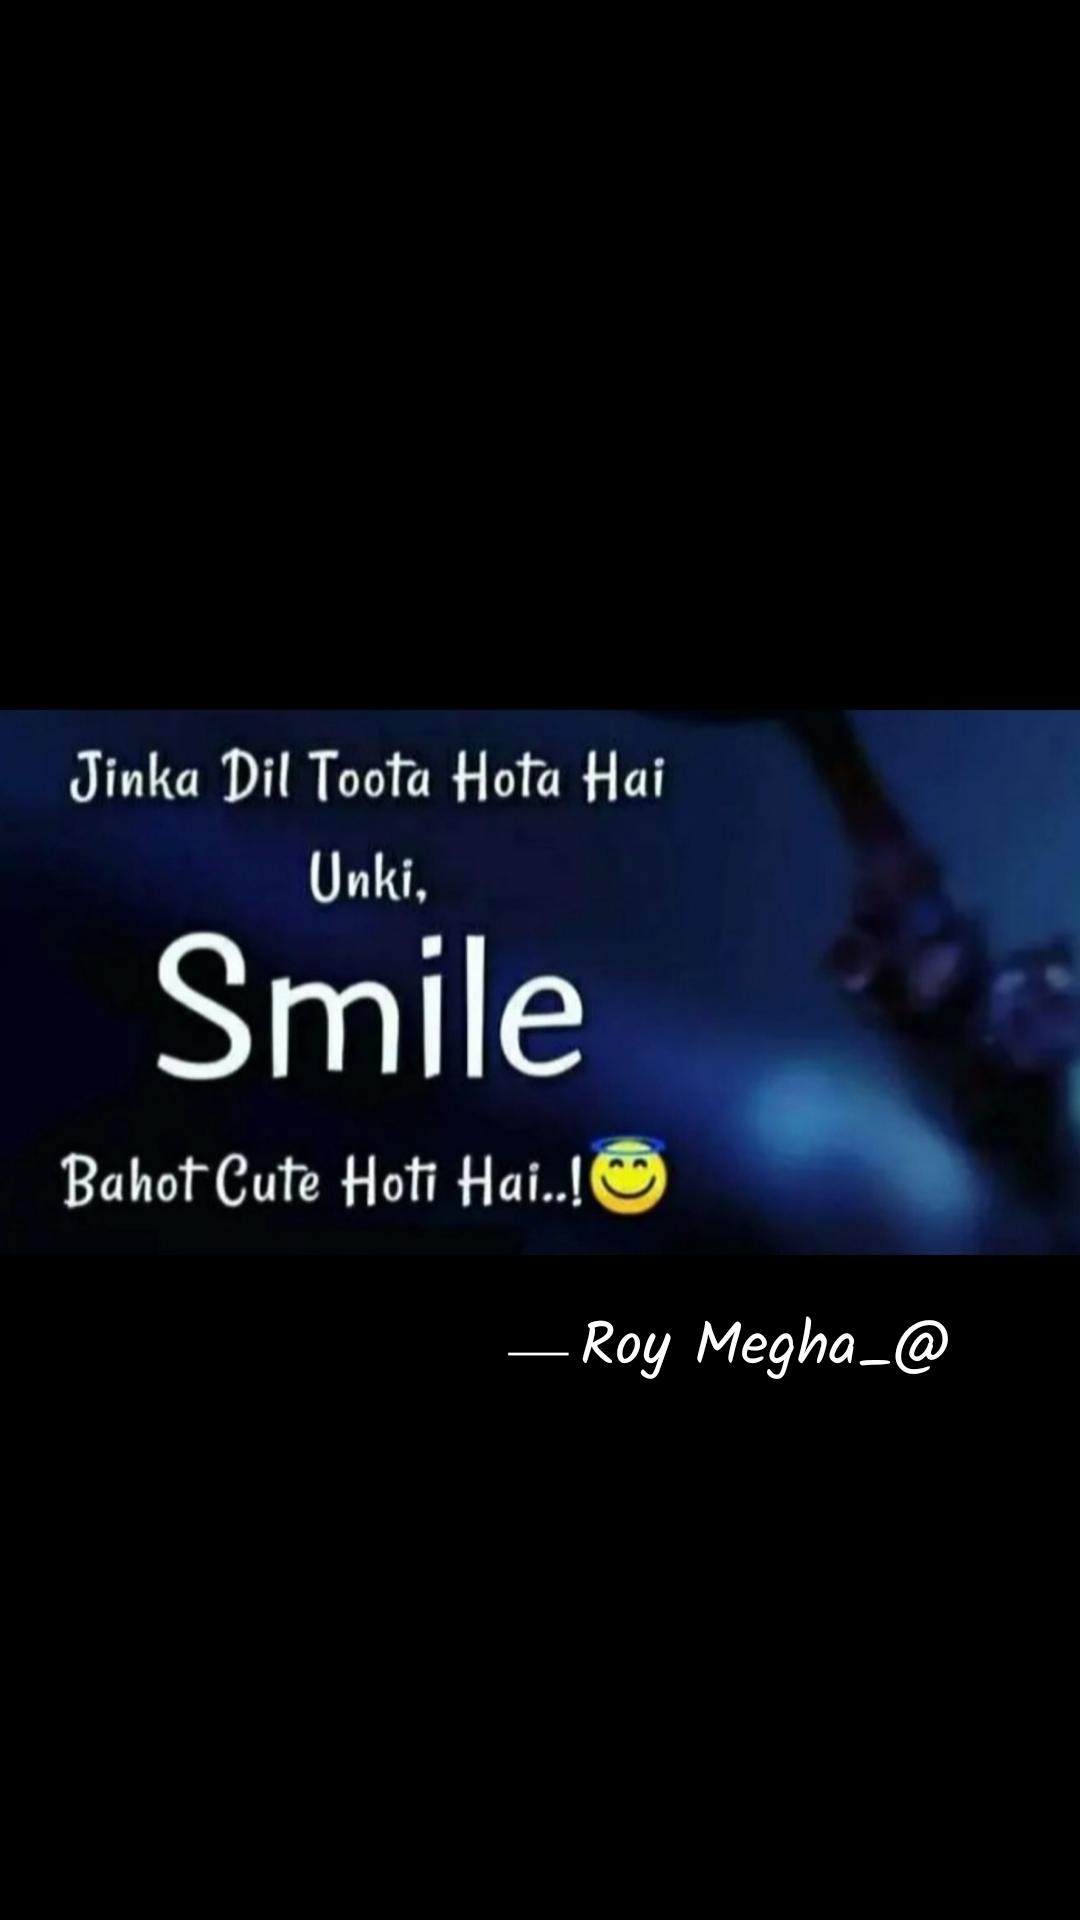 ⎯ Roy Megha_@